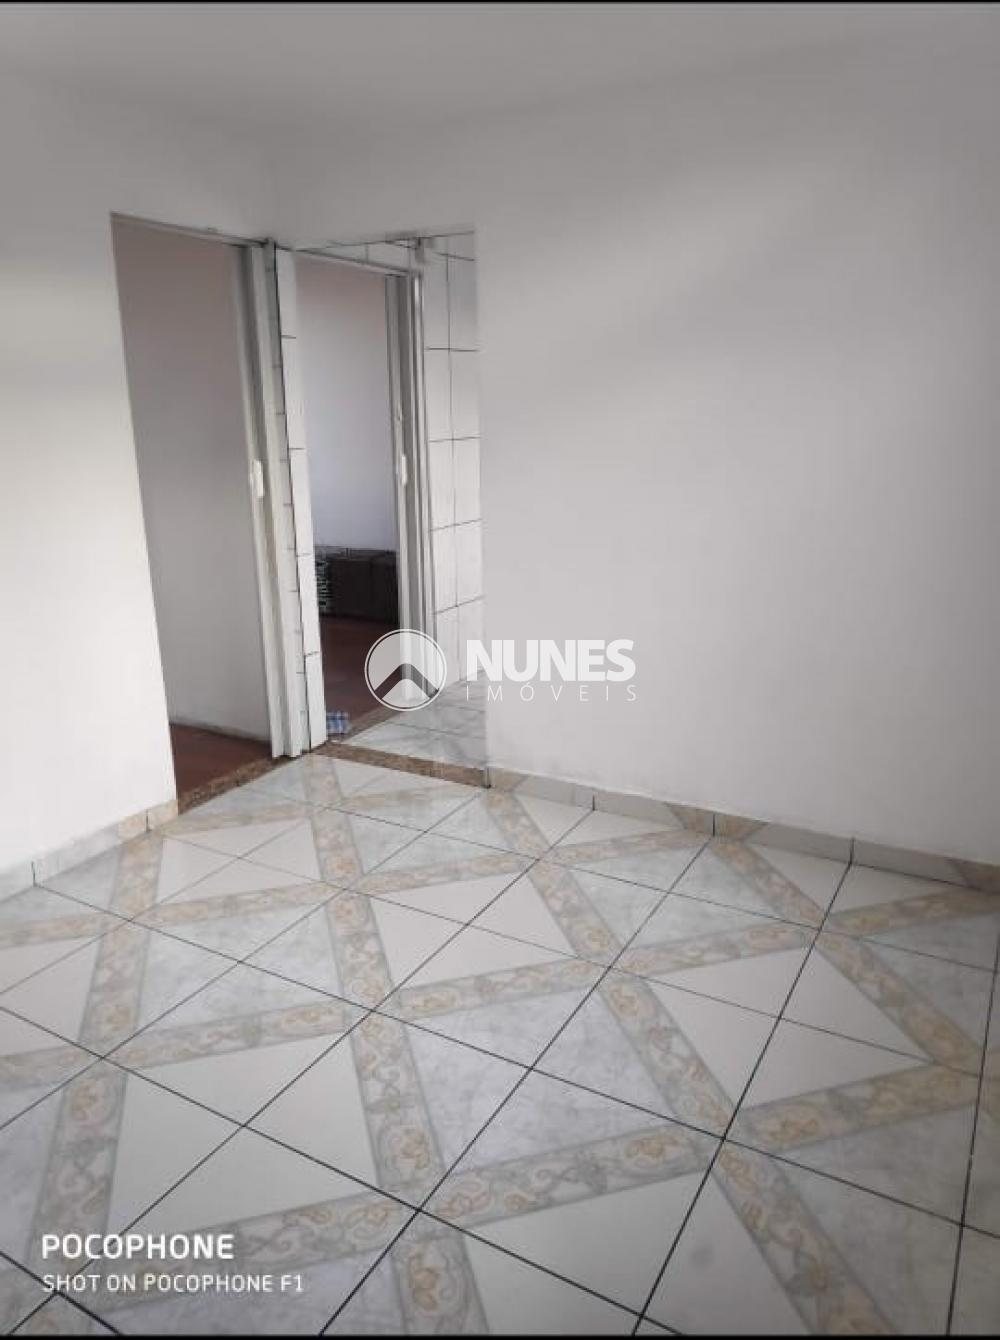 Comprar Apartamento / Padrão em Carapicuíba R$ 130.000,00 - Foto 8